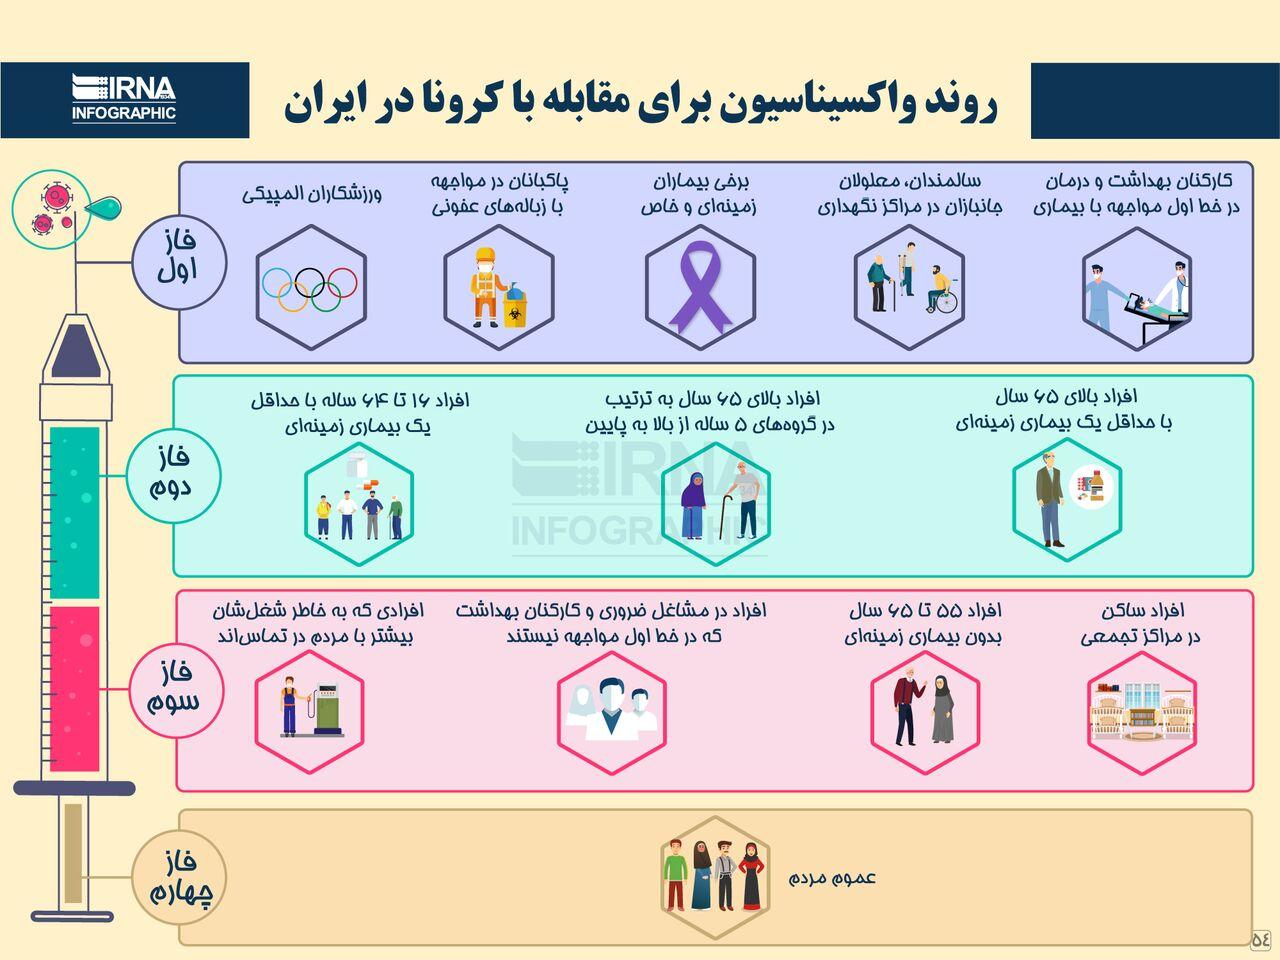 روند واکسیناسیون برای مقابله با کرونا در ایران/ اینفوگرافیک